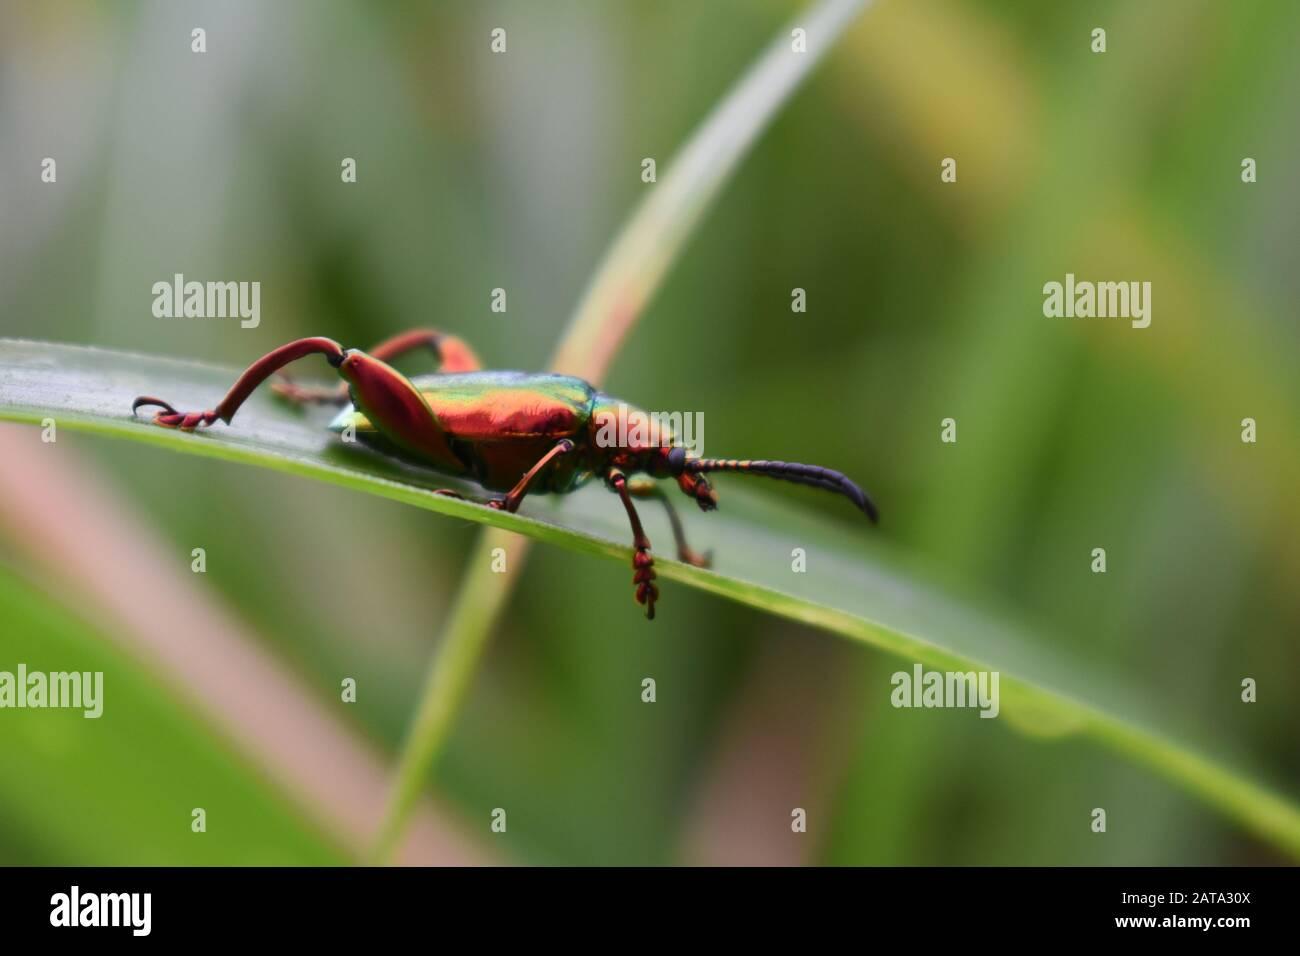 Un escarabajo de color metálico de la familia buprestigiosa que se arrastra sobre una hoja de pasto elefante. Surakarta, Indonesia. Foto de stock